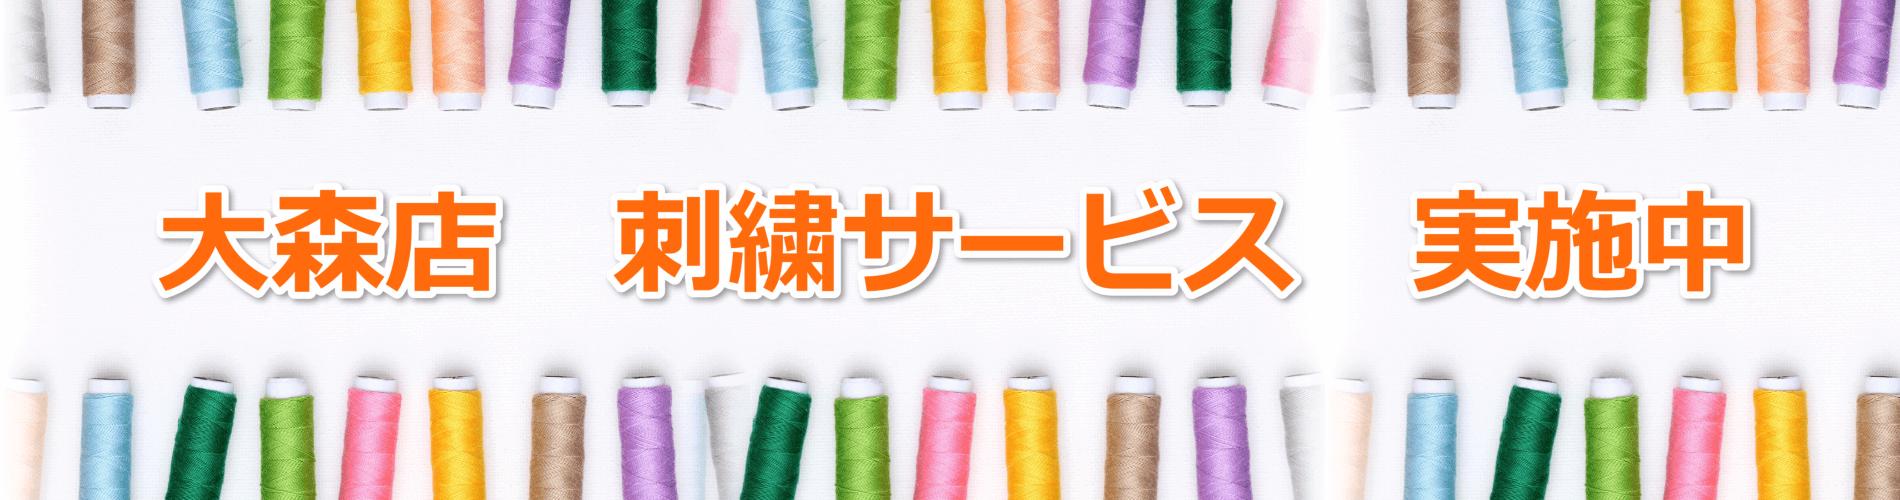 東京 刺繍サービス 持ち込みもでる刺繍屋です